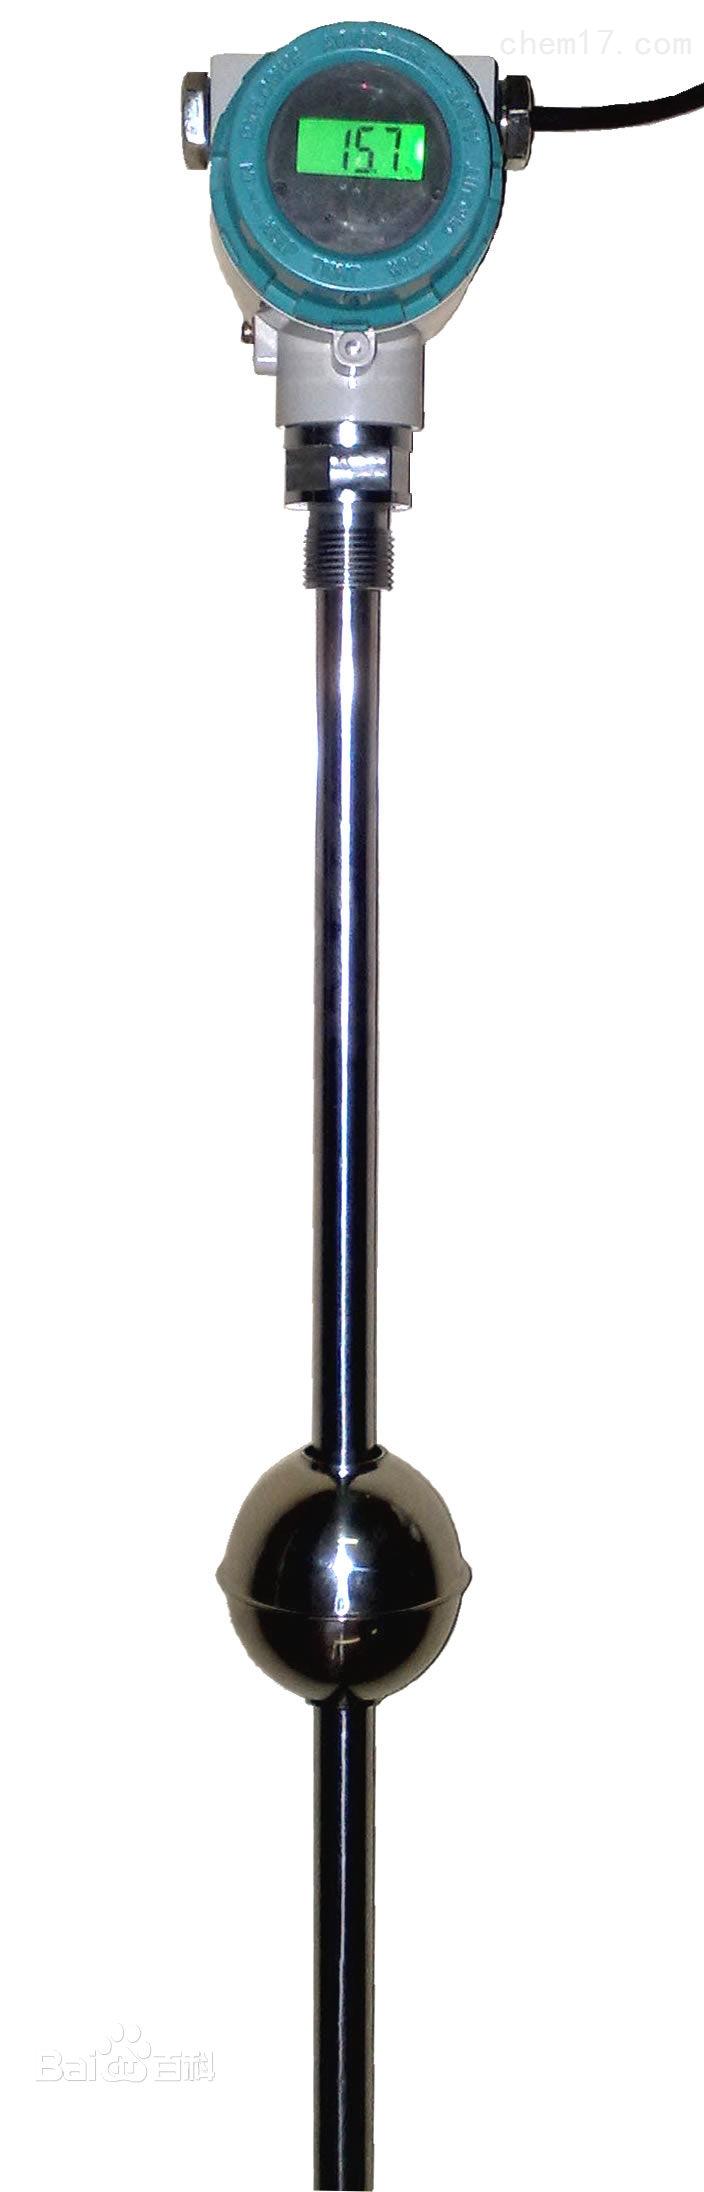 磁致伸缩液位计参数